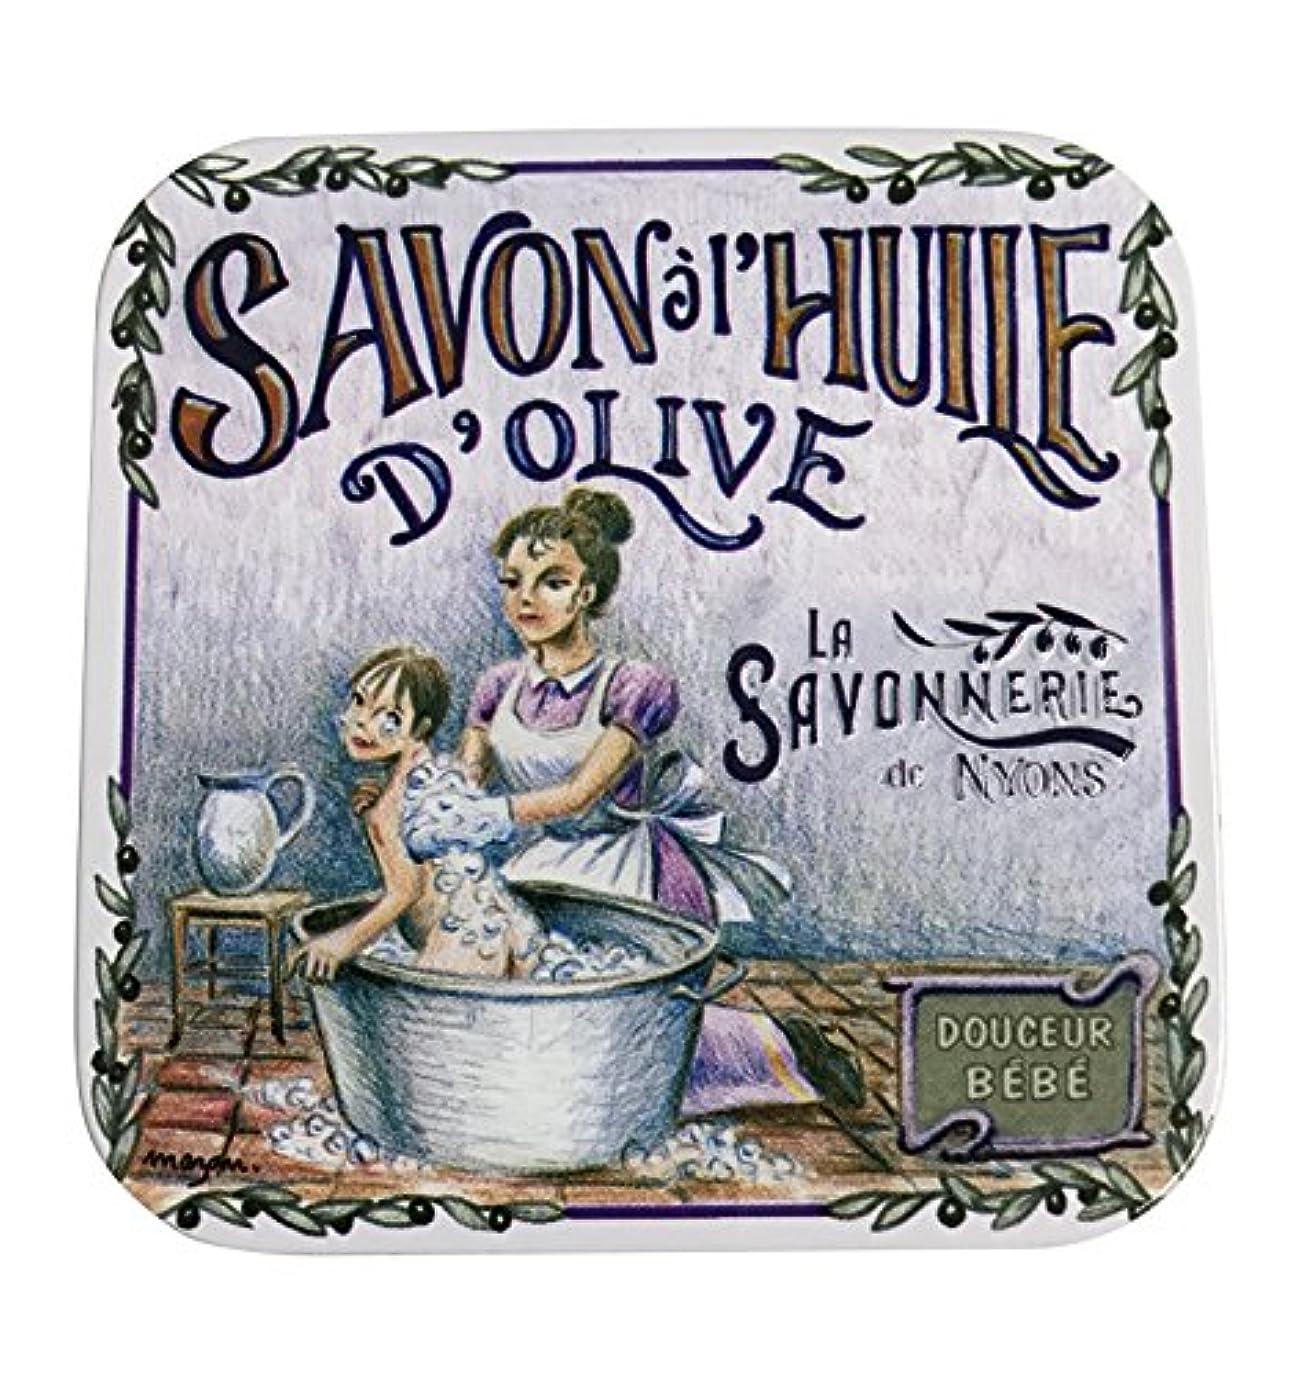 協定出費貫通ラ?サボネリー アンティーク缶入り石鹸 タイプ100 ハウスワイフ(ローズ)